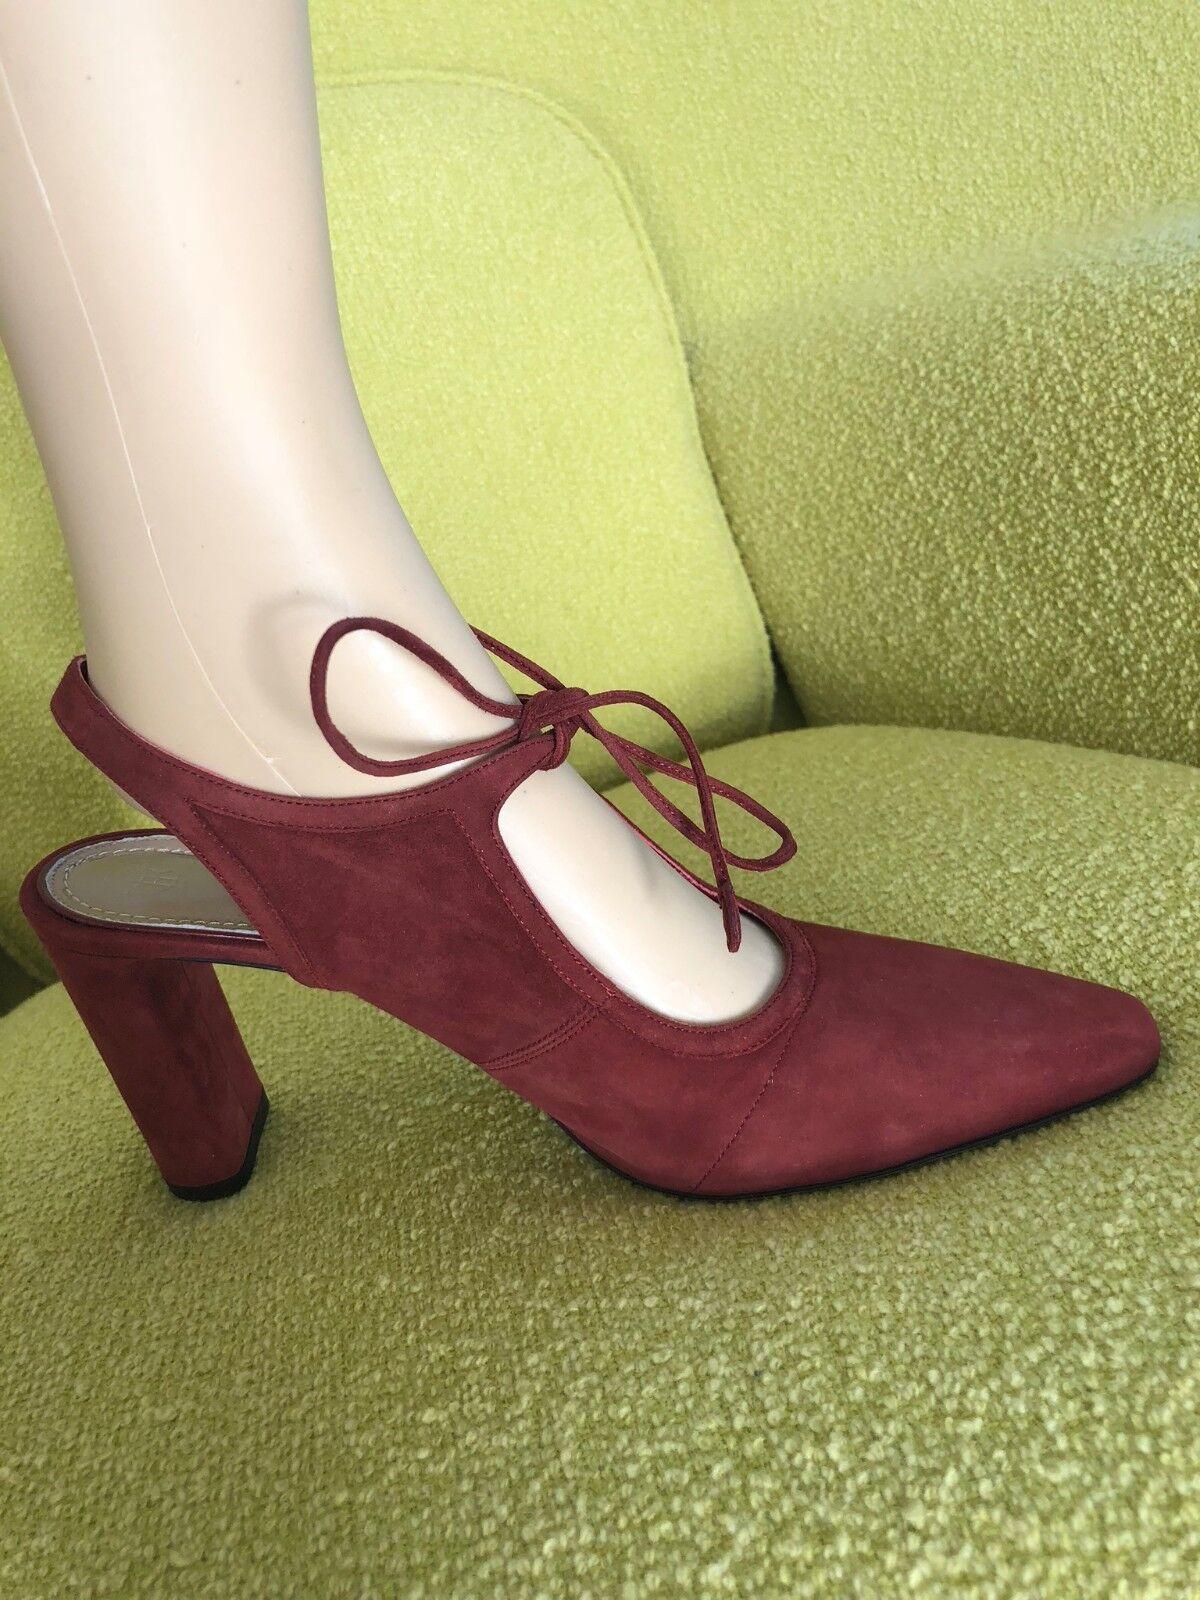 Le  scarpe femminili Row Camil, nuove, dimensioni 40, realizzate in Italia, originariamente  850  sconto